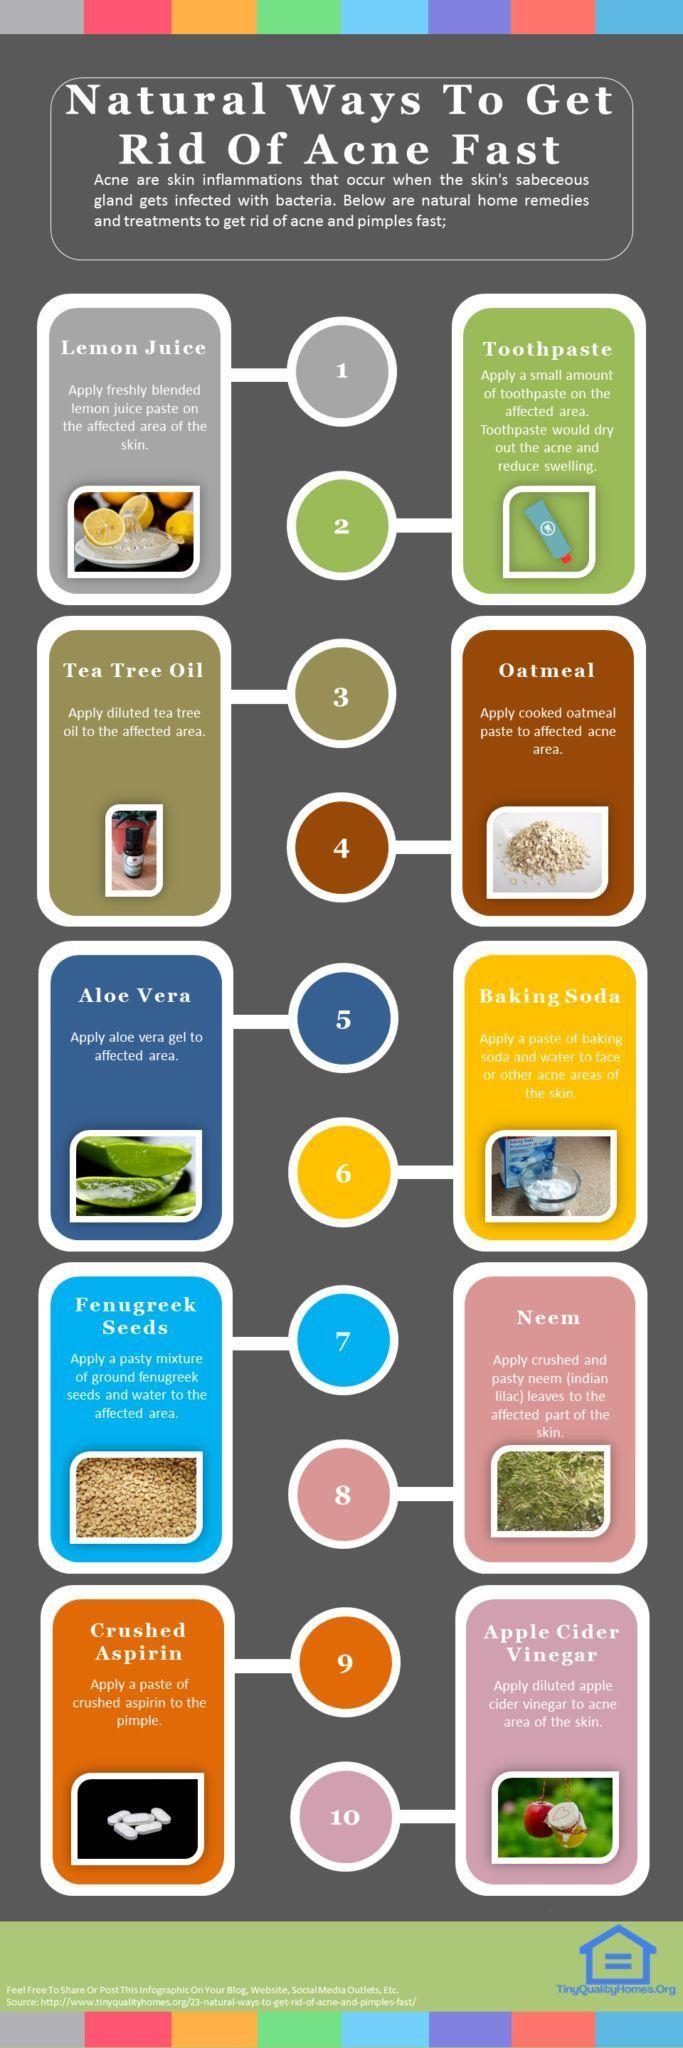 Beste Weg um Akne über Nacht loszuwerden  Finden Sie heraus wie Pickel natürlich über Nacht zu entfernen  Overnight Acne Treatment